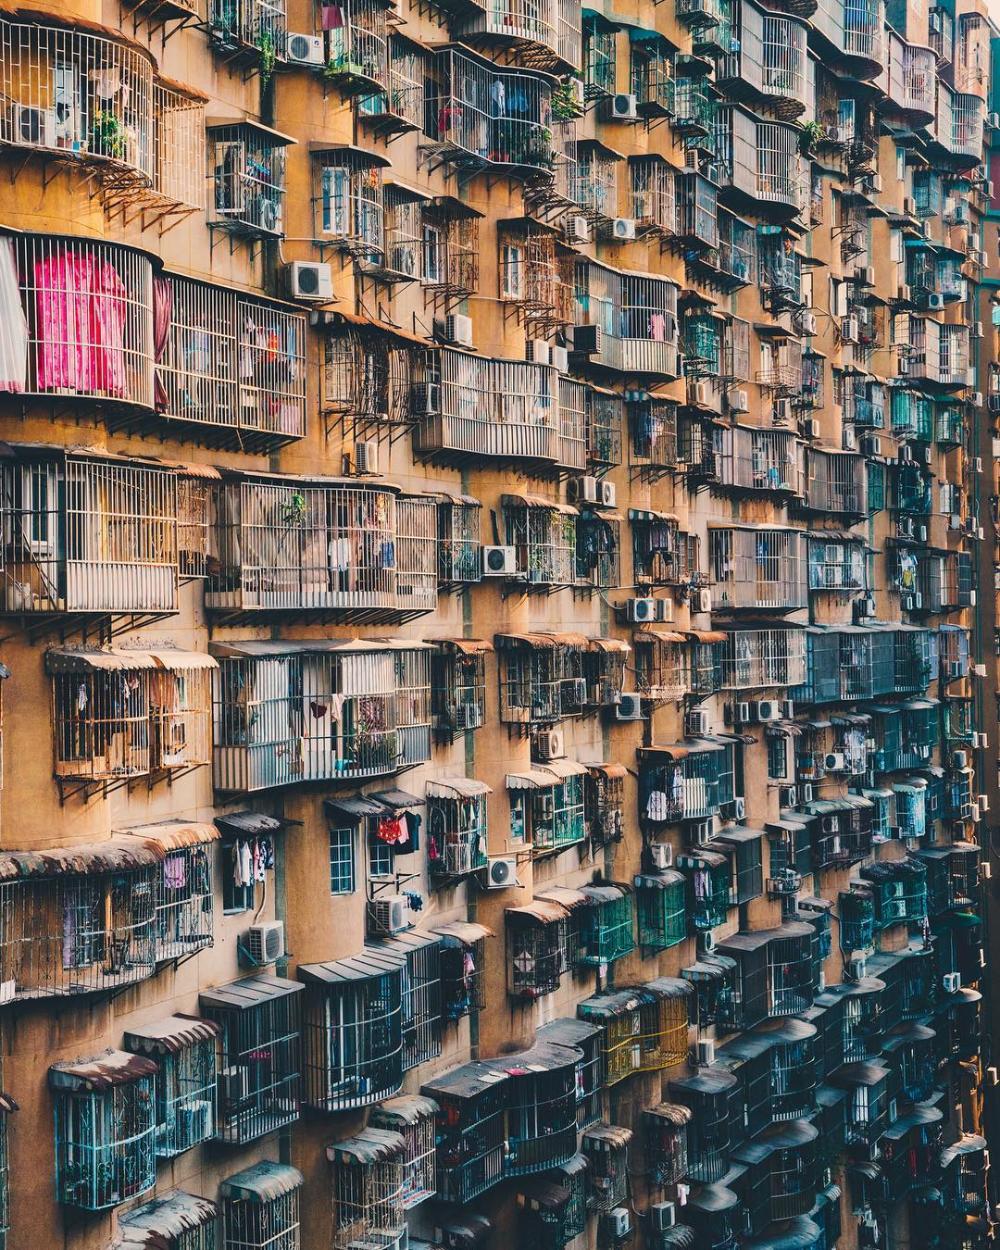 Ghim Của German Gomez Tren Hk Macau Nhiếp ảnh Nhiếp ảnh đo Thị Phong Cảnh